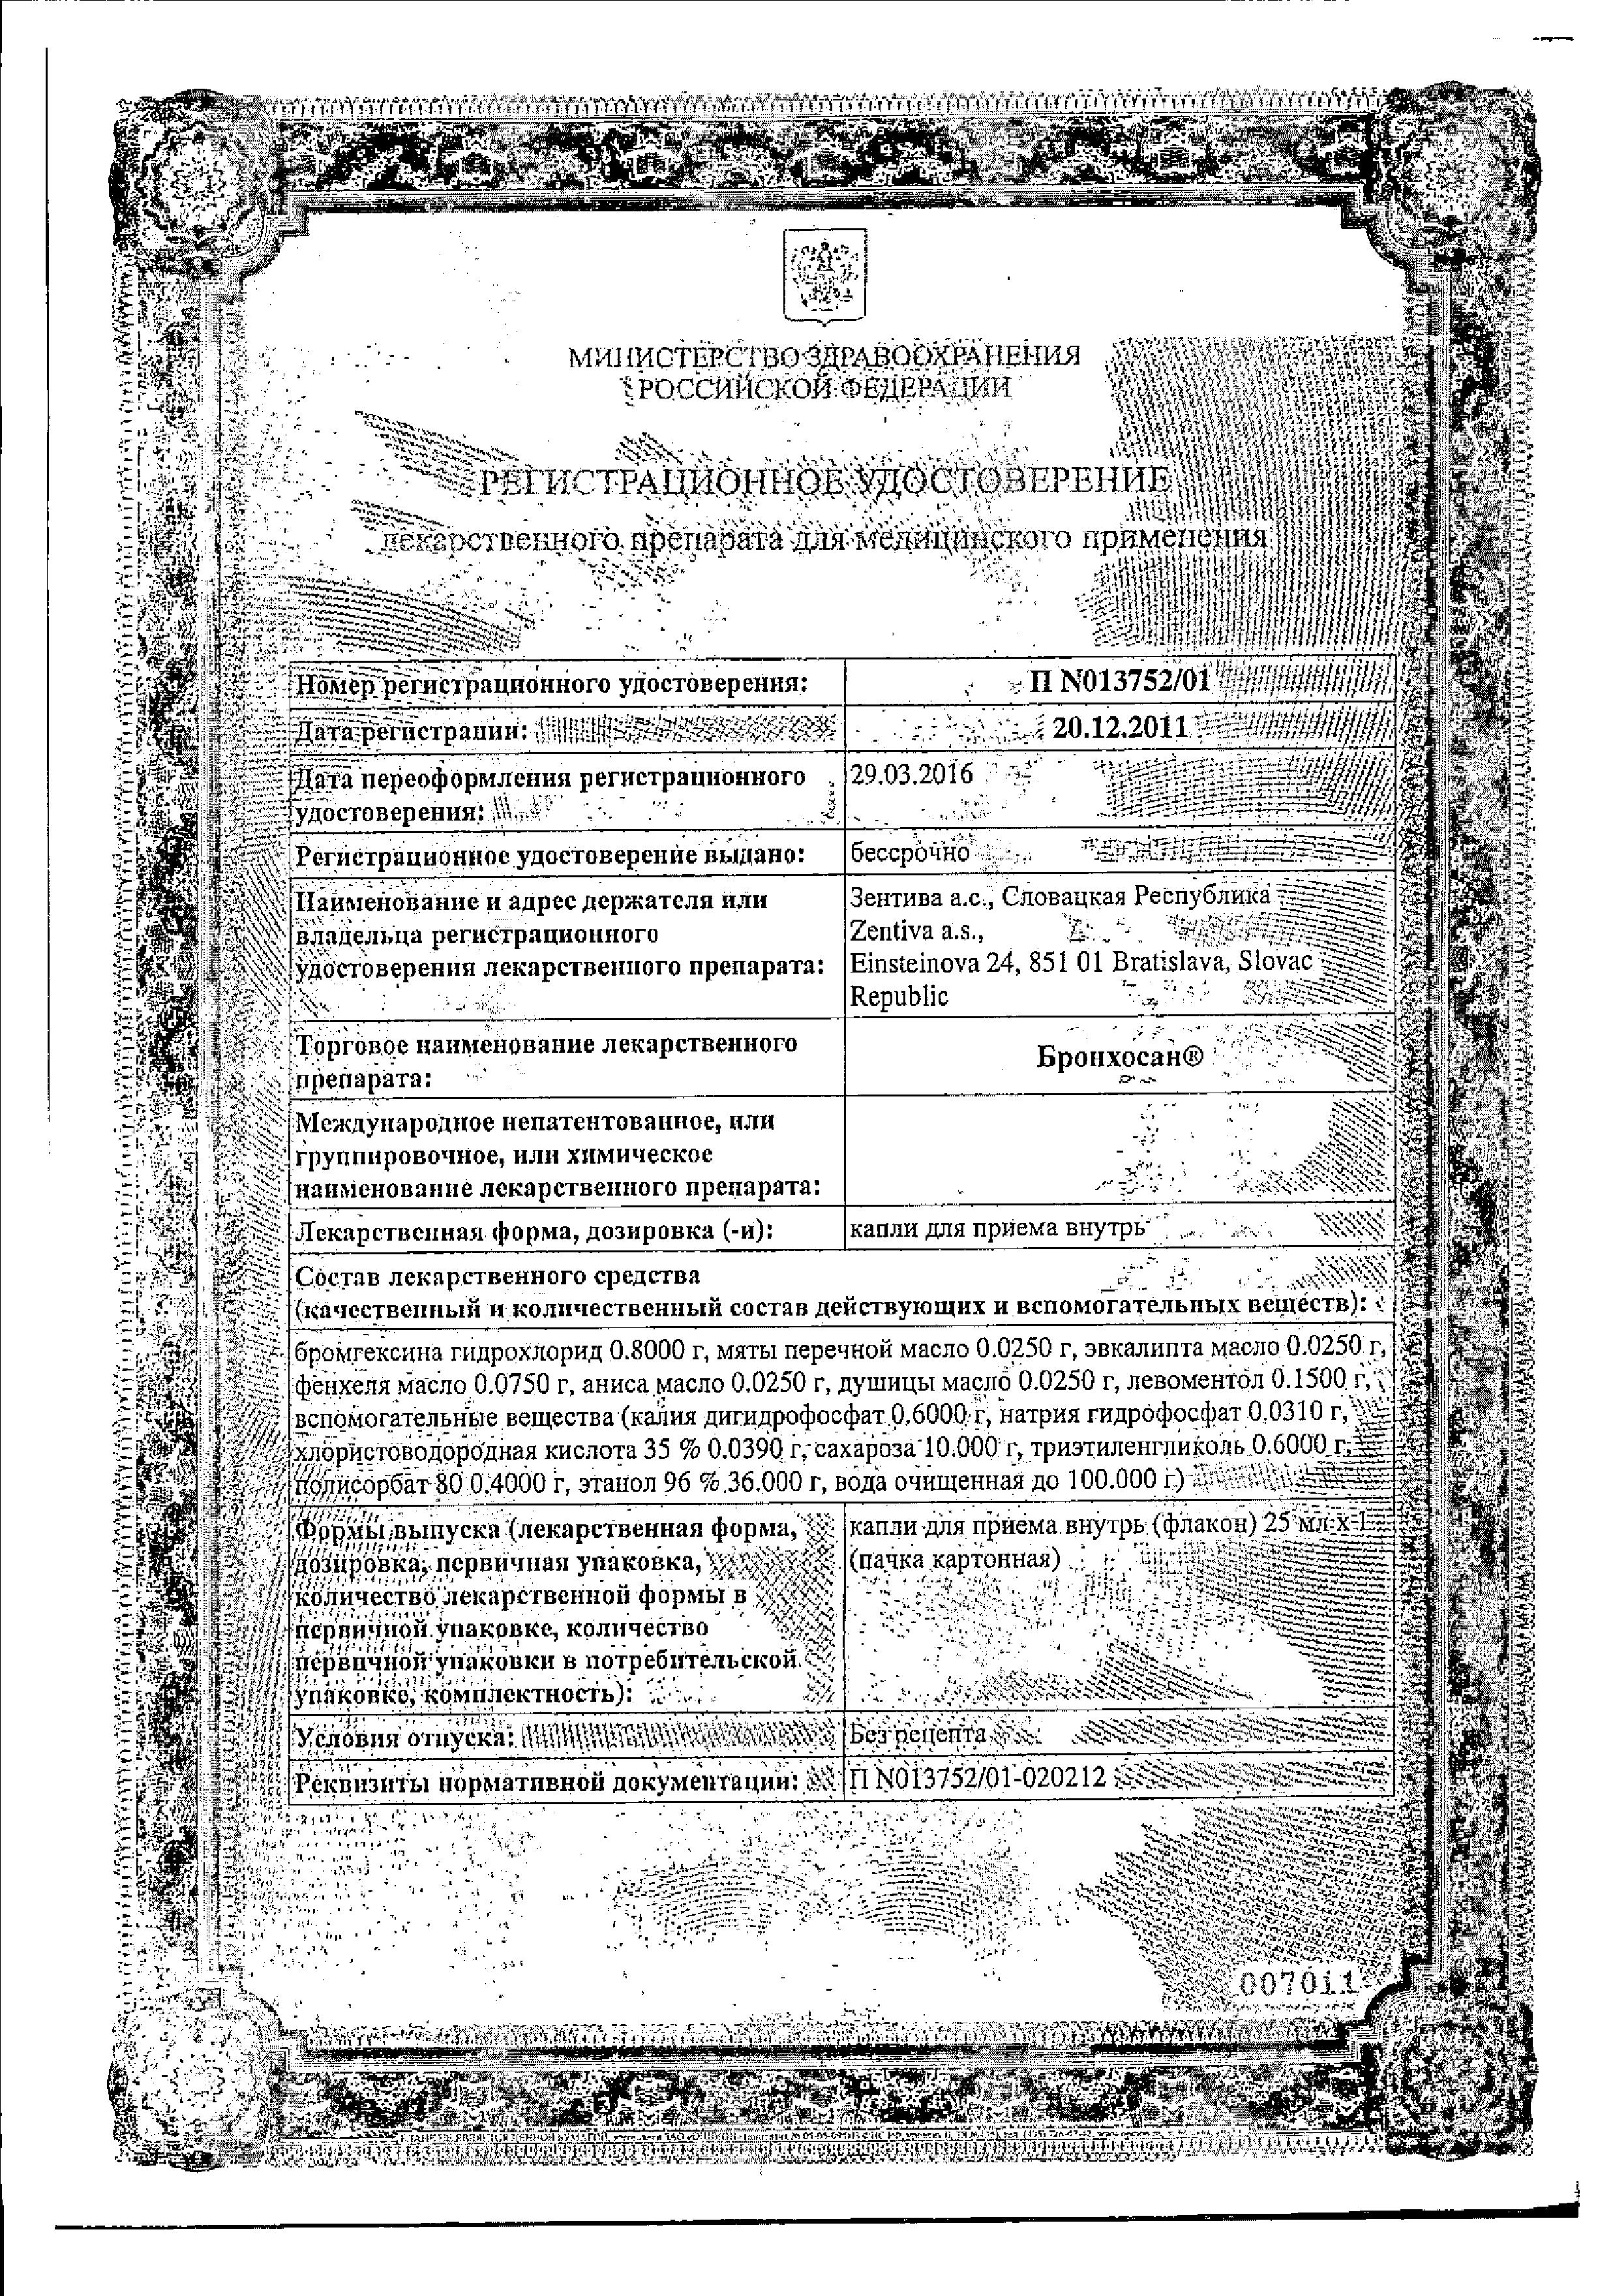 Бронхосан сертификат